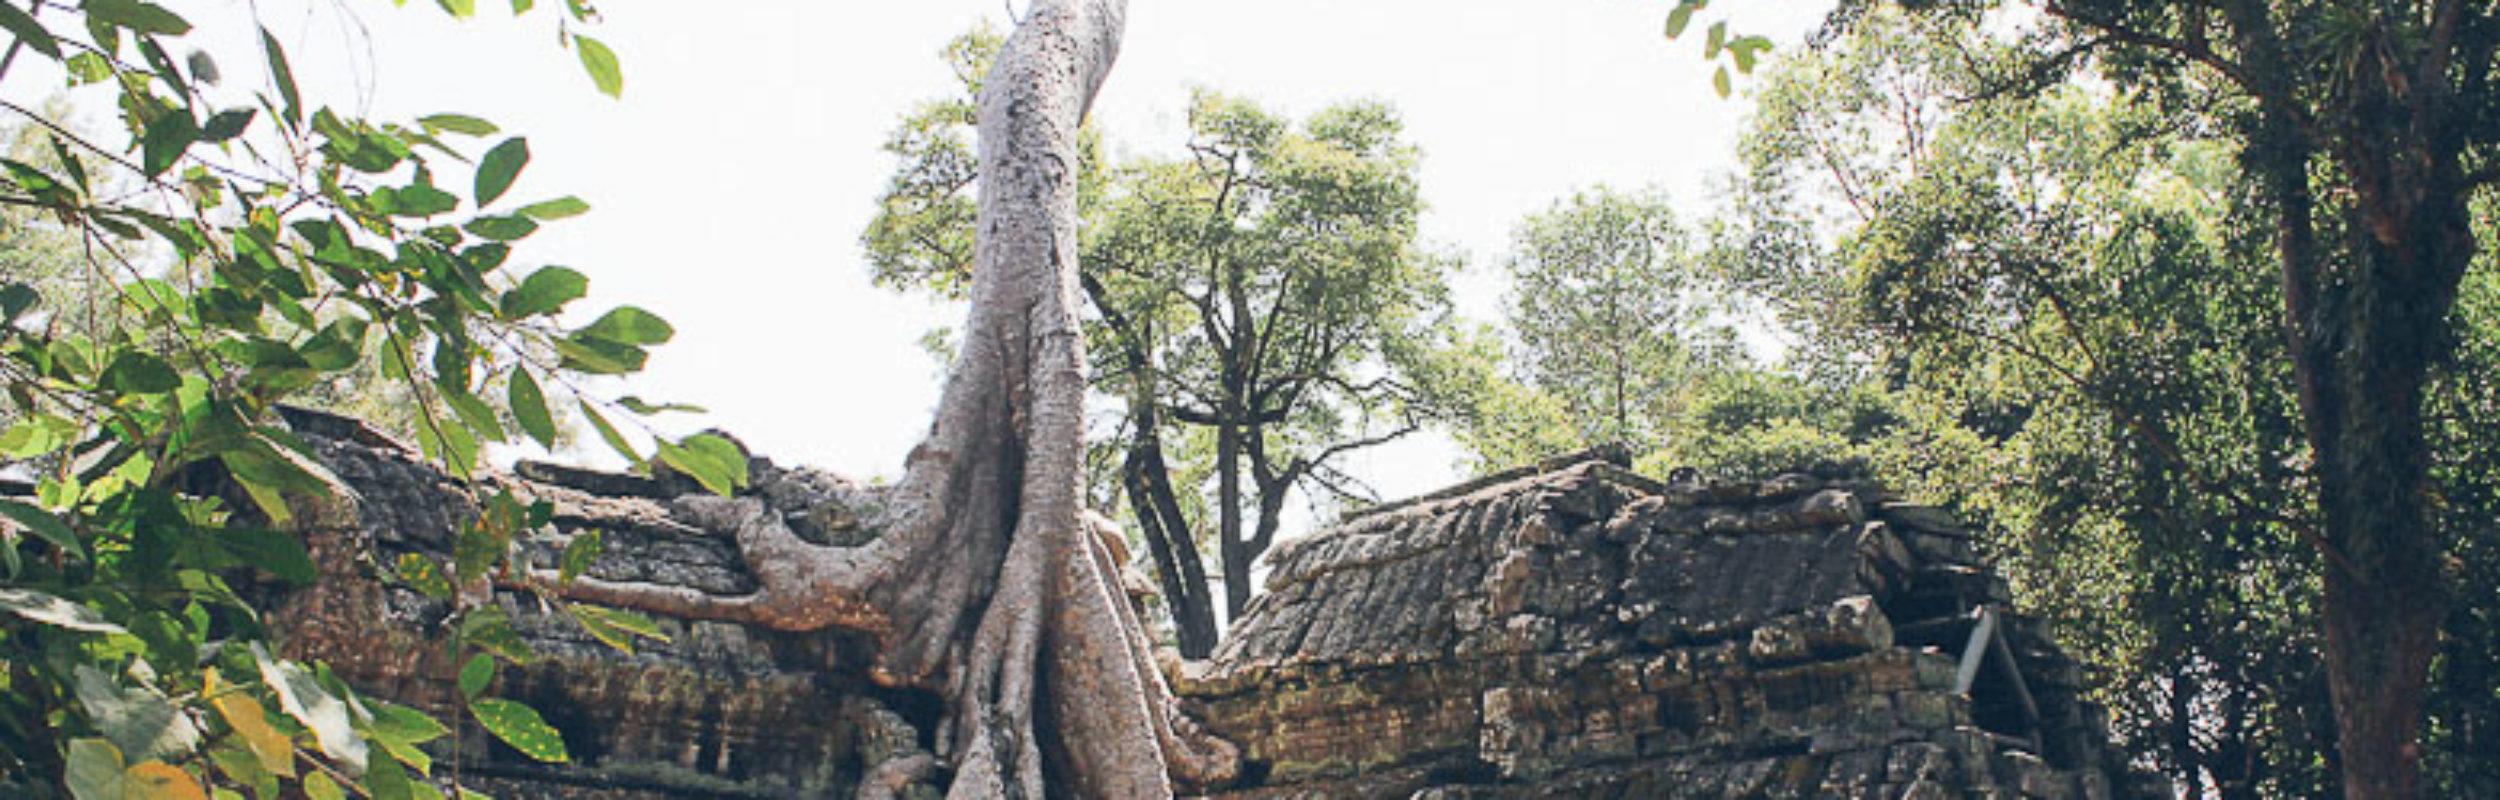 3 semaines au Cambodge : conseils pour bien préparer son voyage !